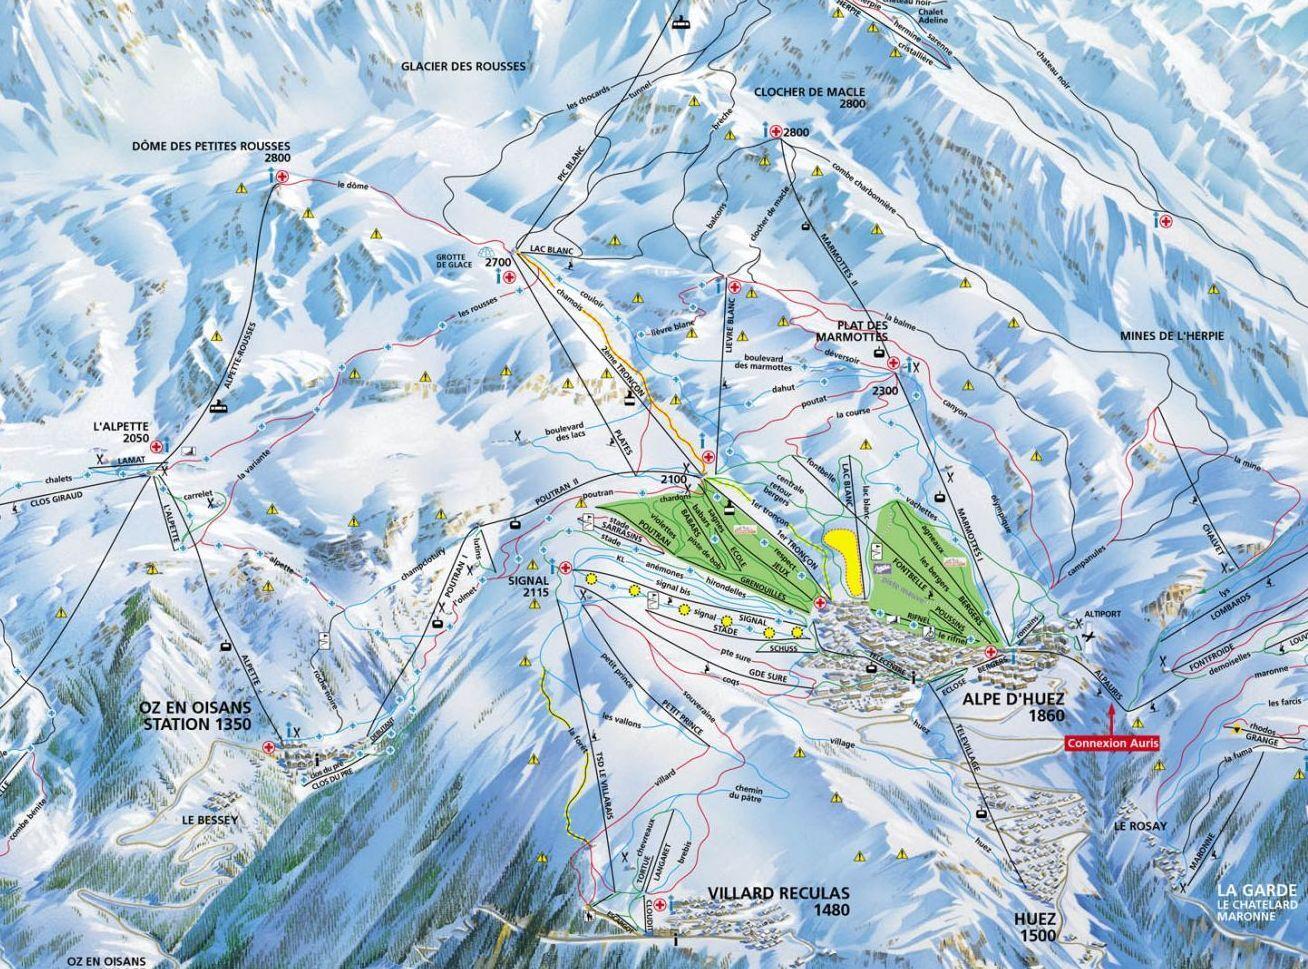 Oz en Oisans Ski Resort Guide, Location Map & Oz en Oisans ski ...